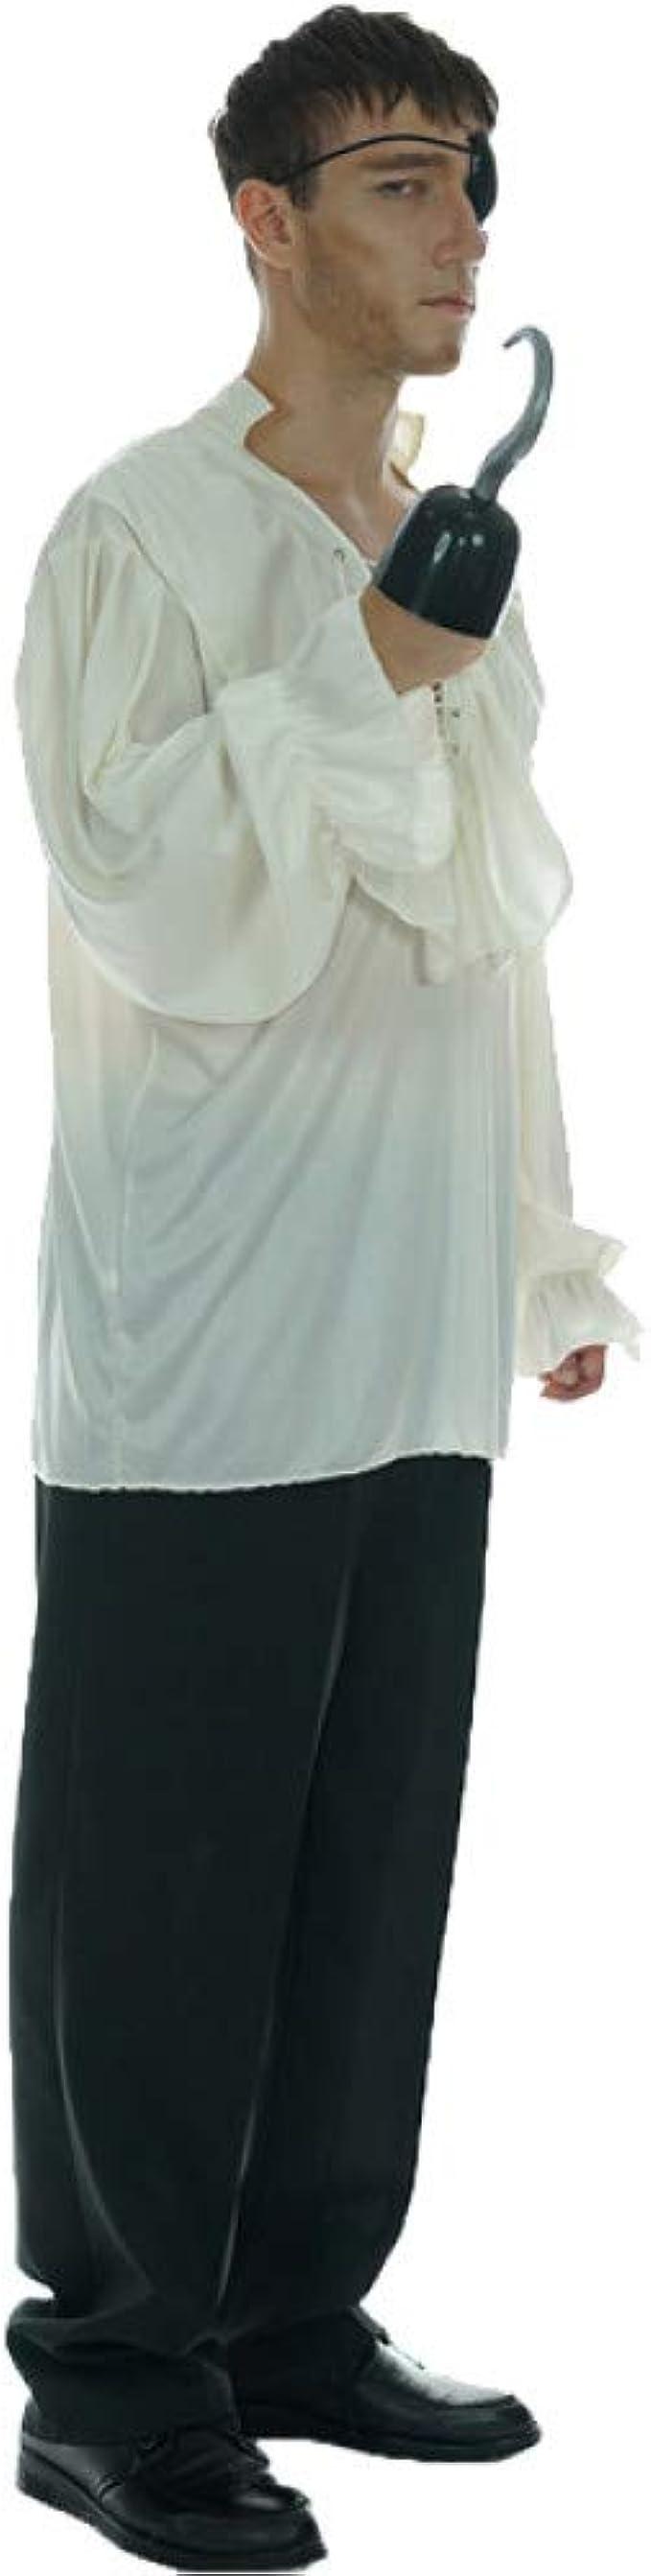 ZAOWEN Disfraz De Halloween Disfraz De Camisa Blanca Vestido De Disfraces De Adultos para Hombres para Fiesta De Carnaval De Halloween: Amazon.es: Ropa y accesorios